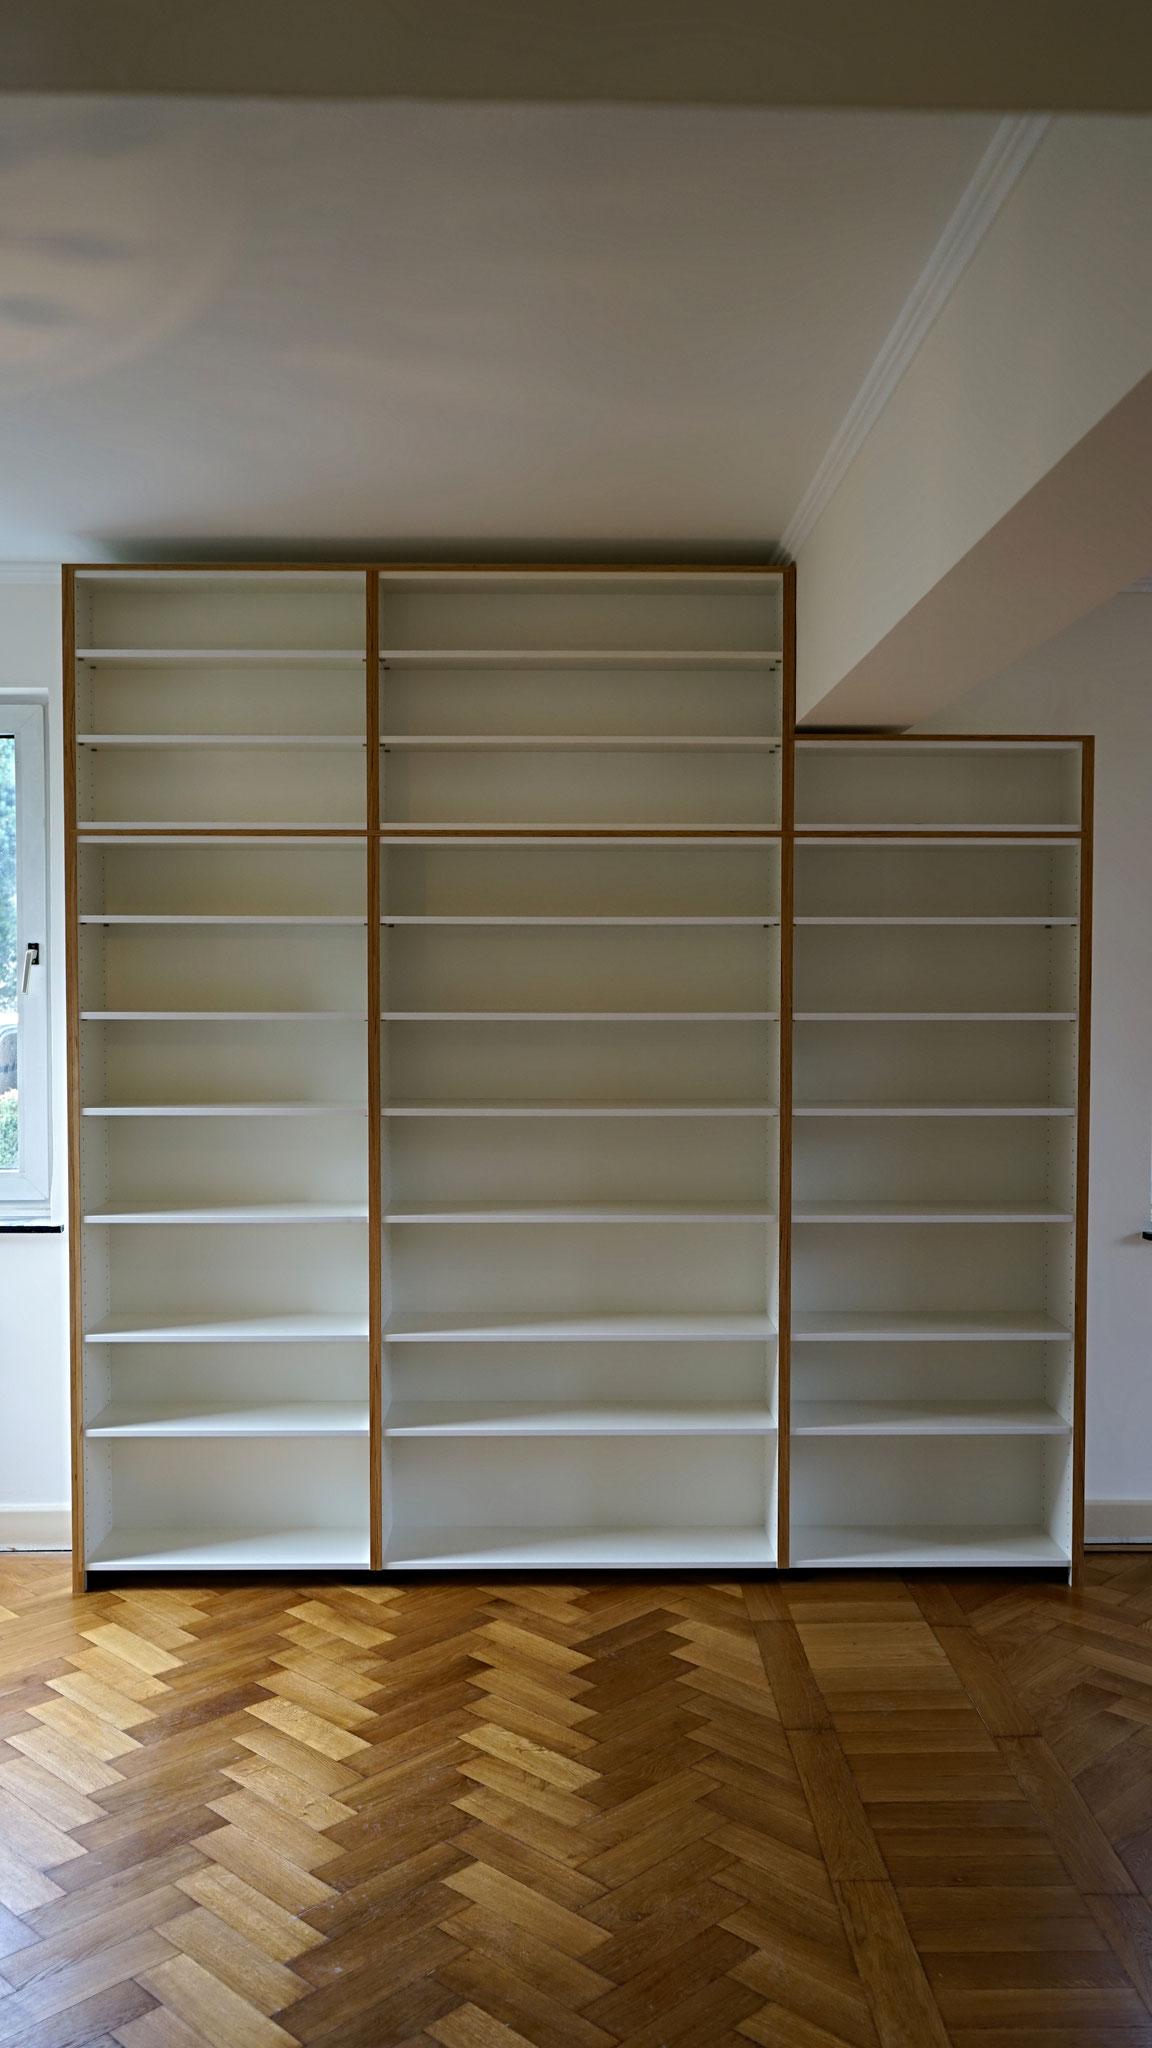 Bücherregal aus hochwertiger beschichteter Spanplatte mit Kanten aus Eiche